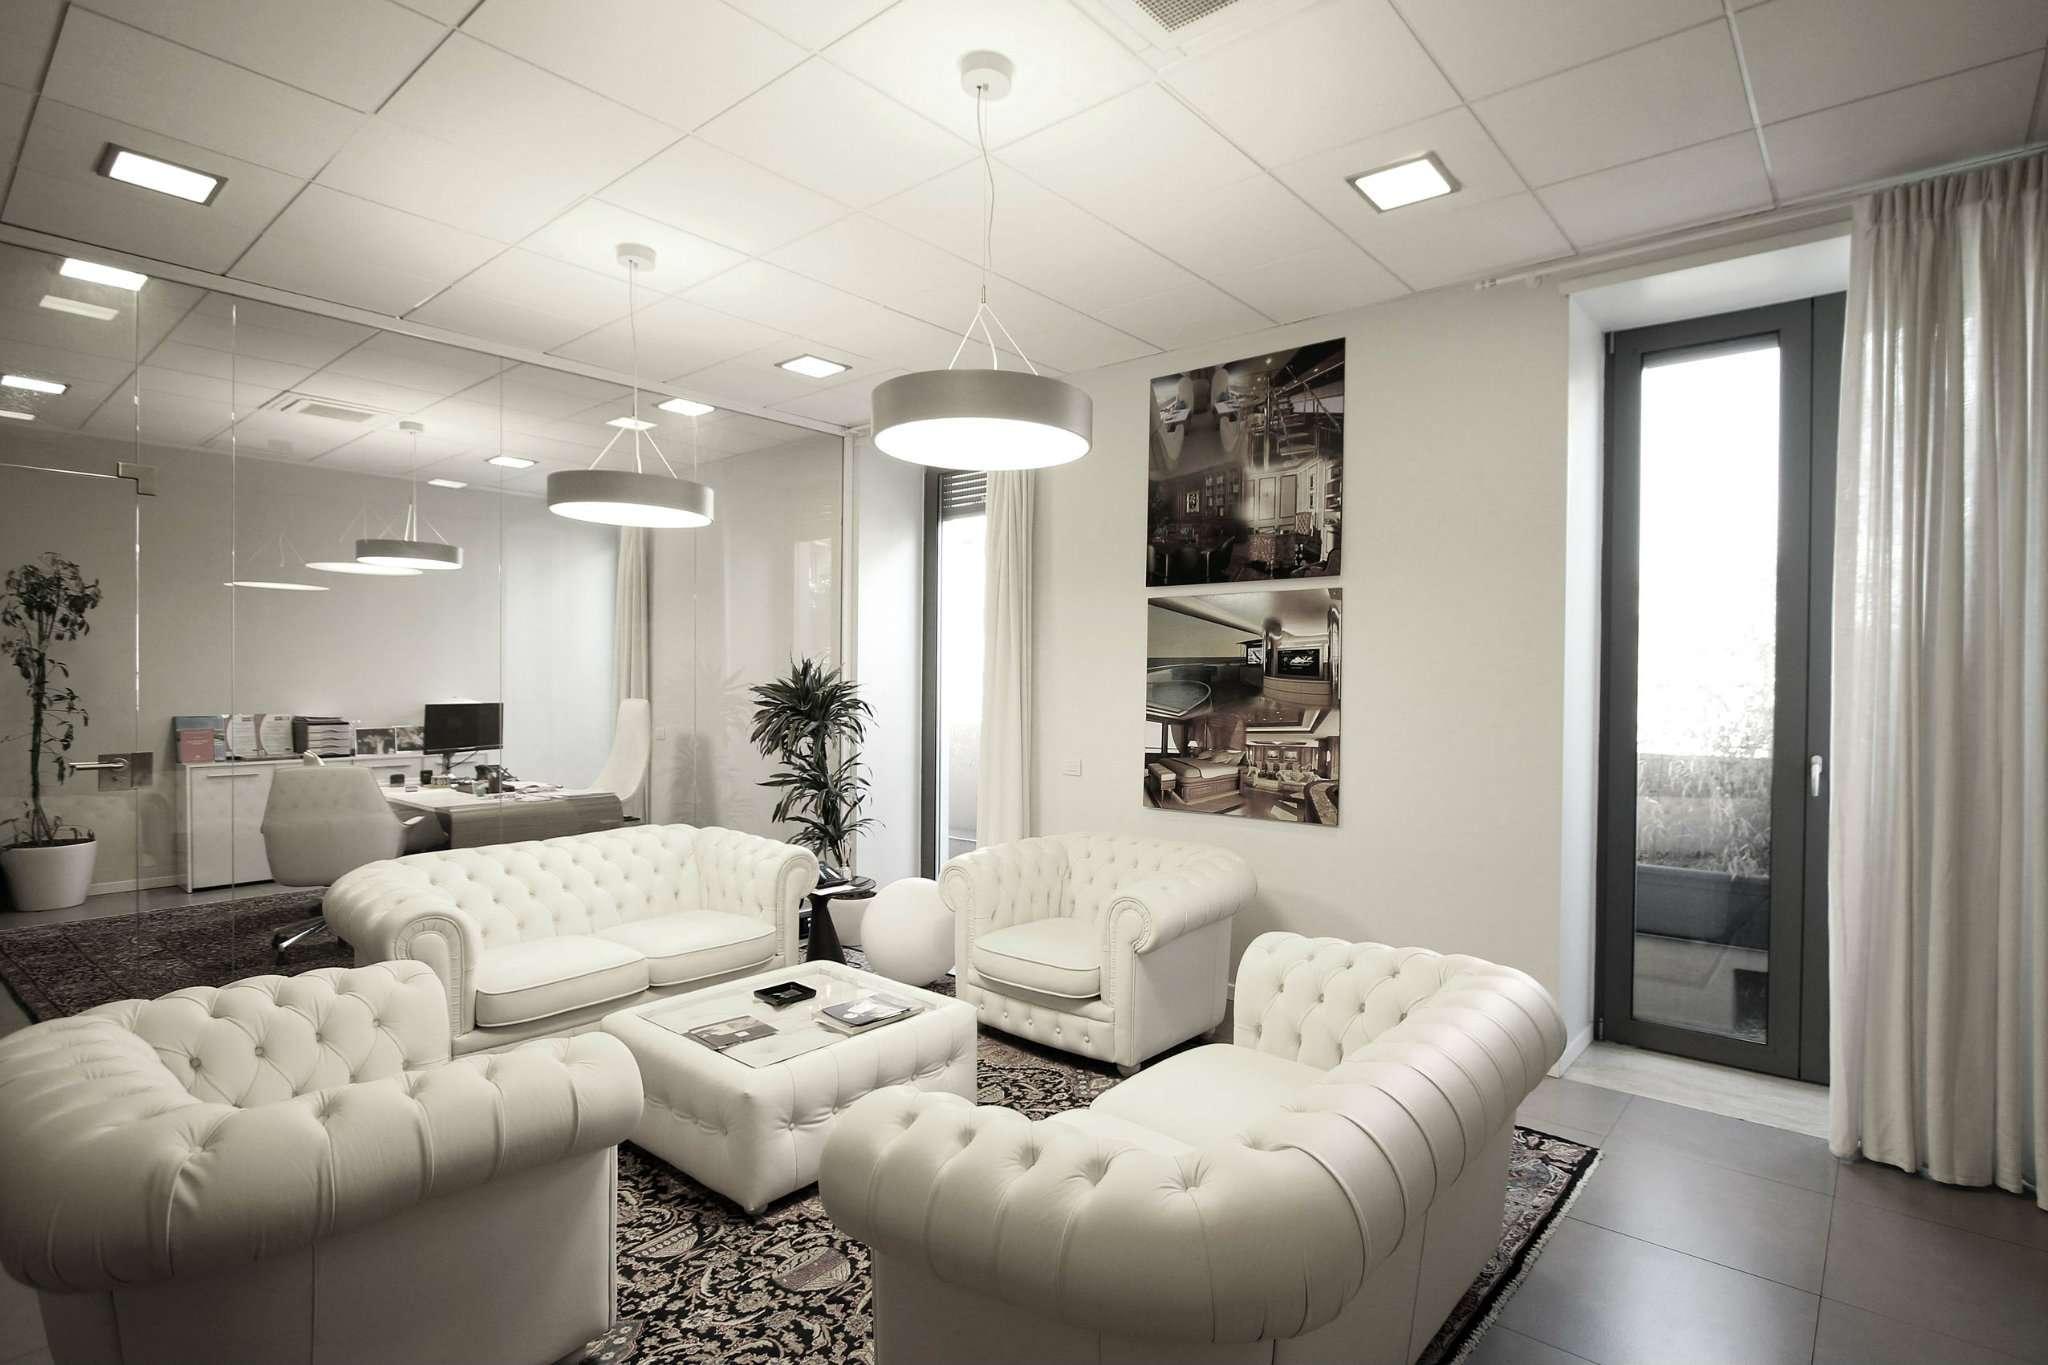 Ufficio-studio in Vendita a Milano 06 Italia / Porta Romana / Bocconi / Lodi: 5 locali, 630 mq